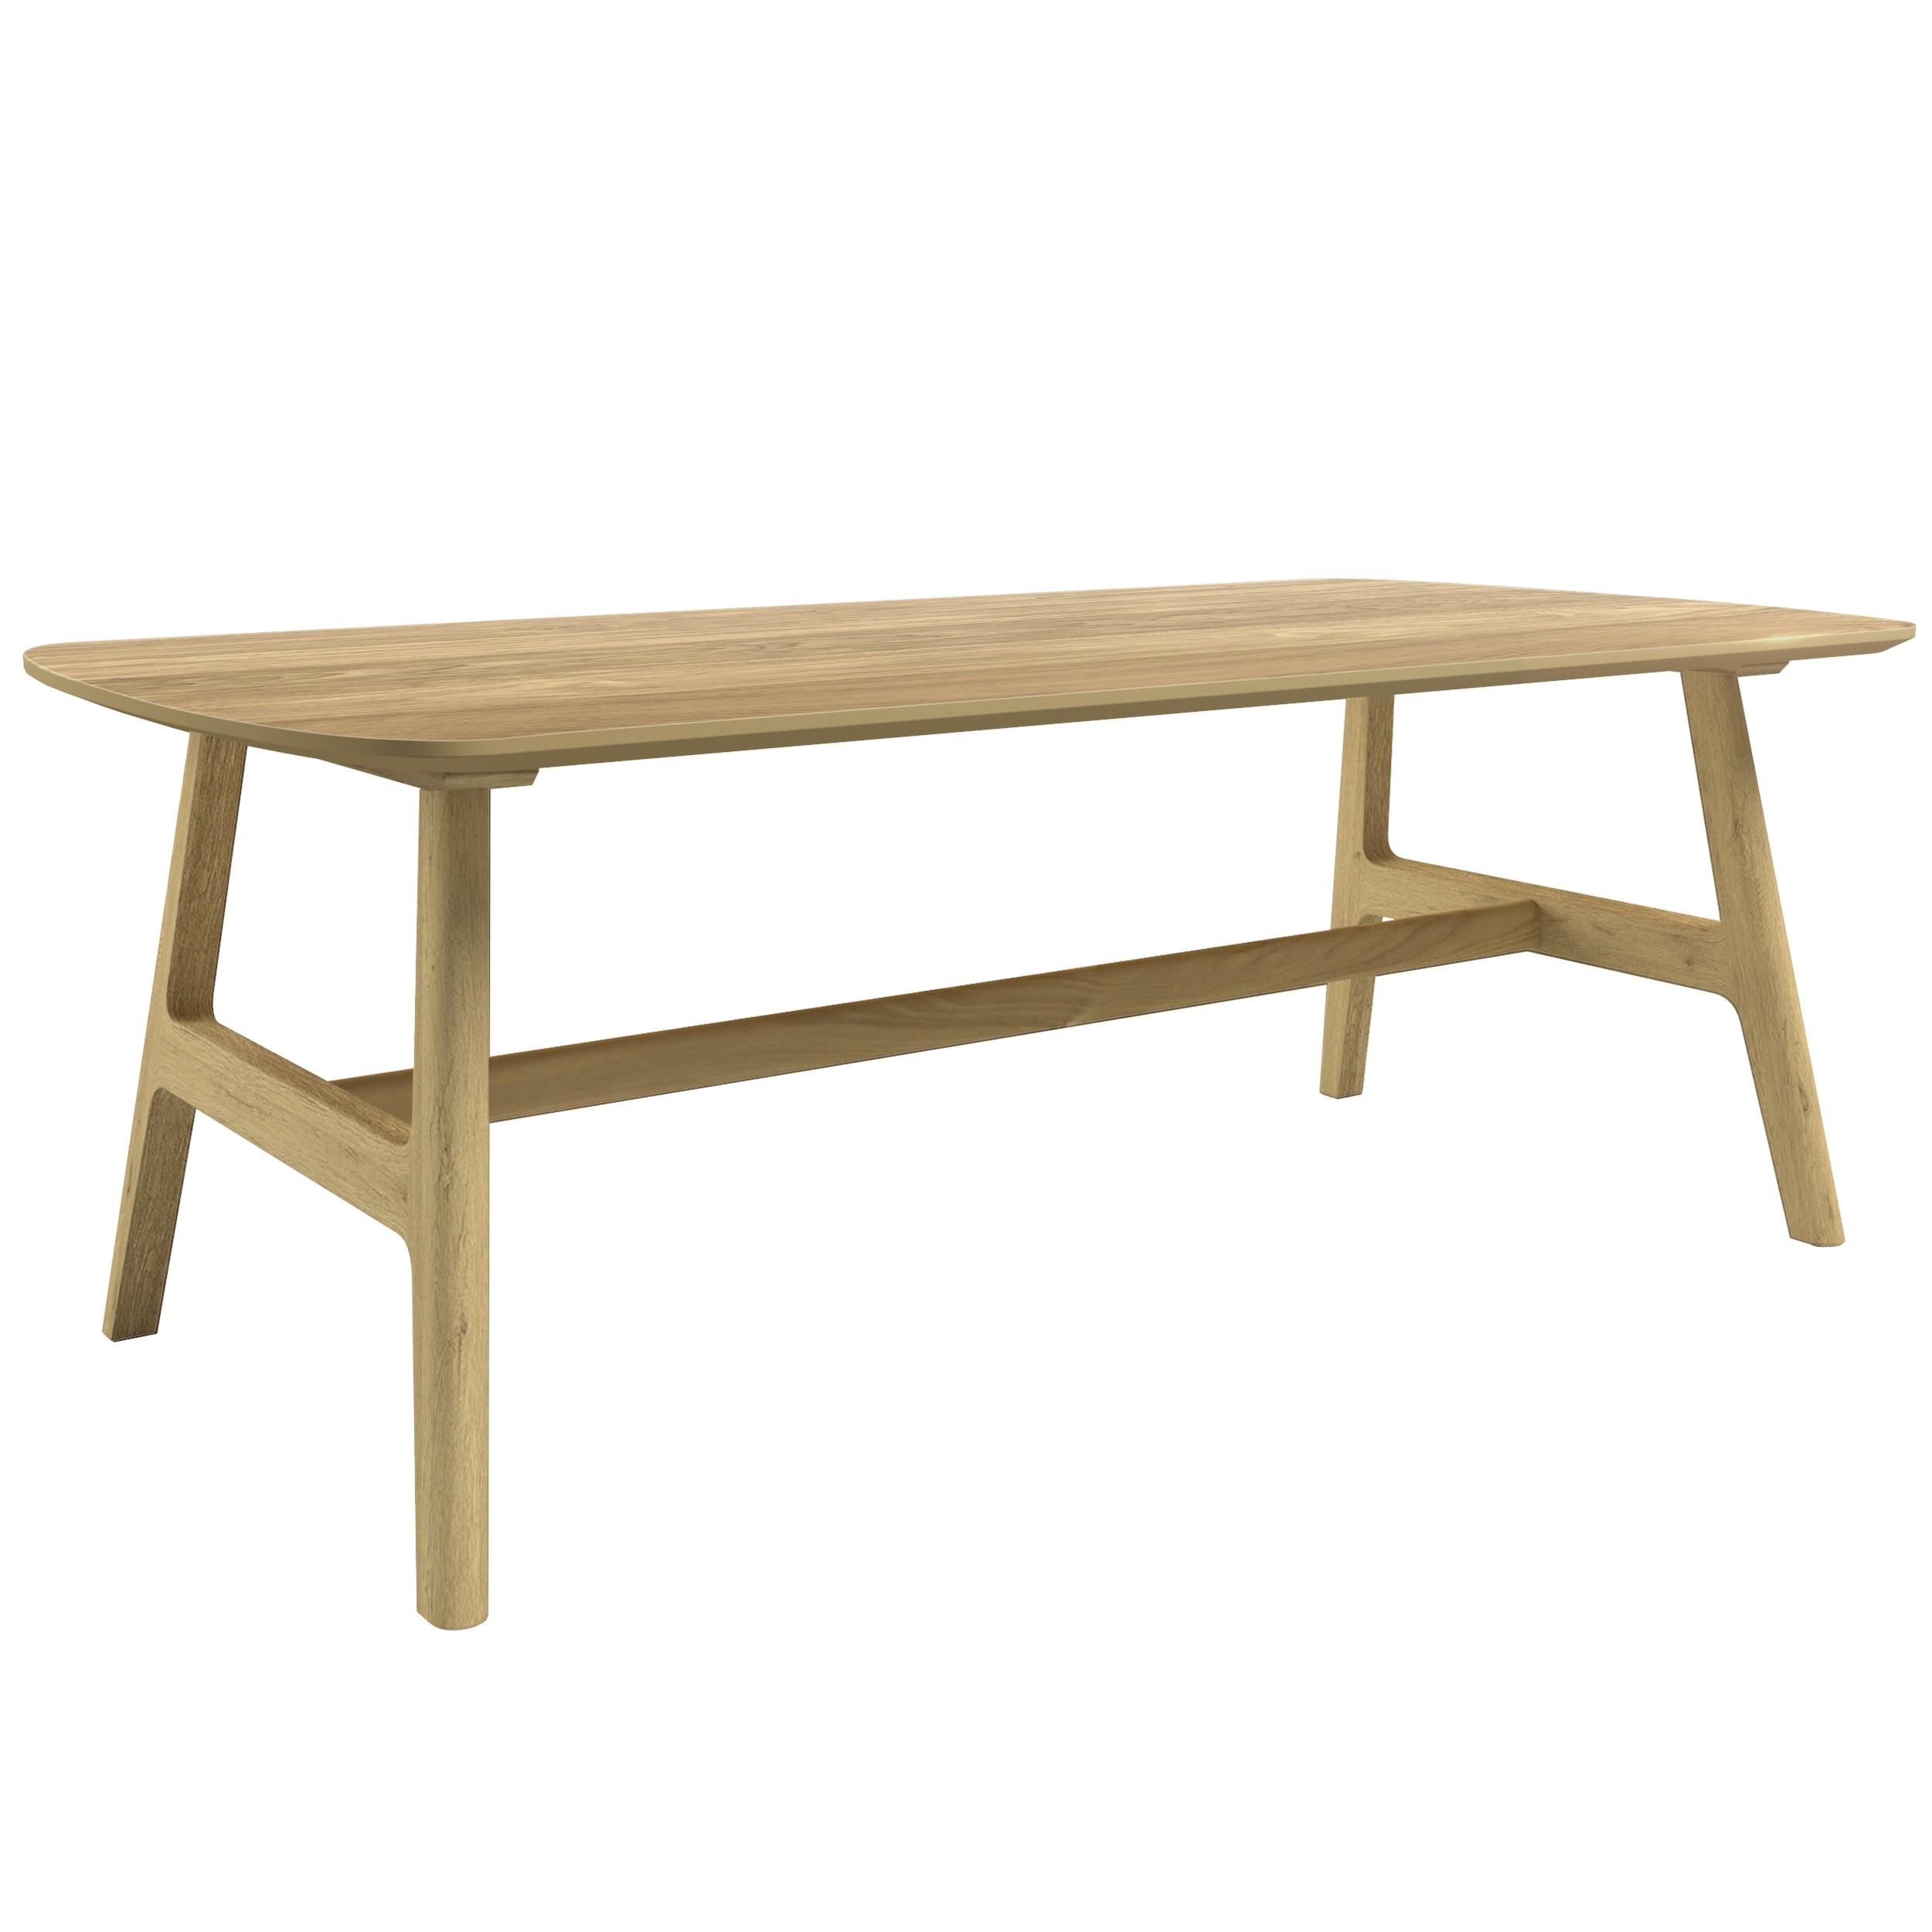 acheter table basse en bois rectangulaire